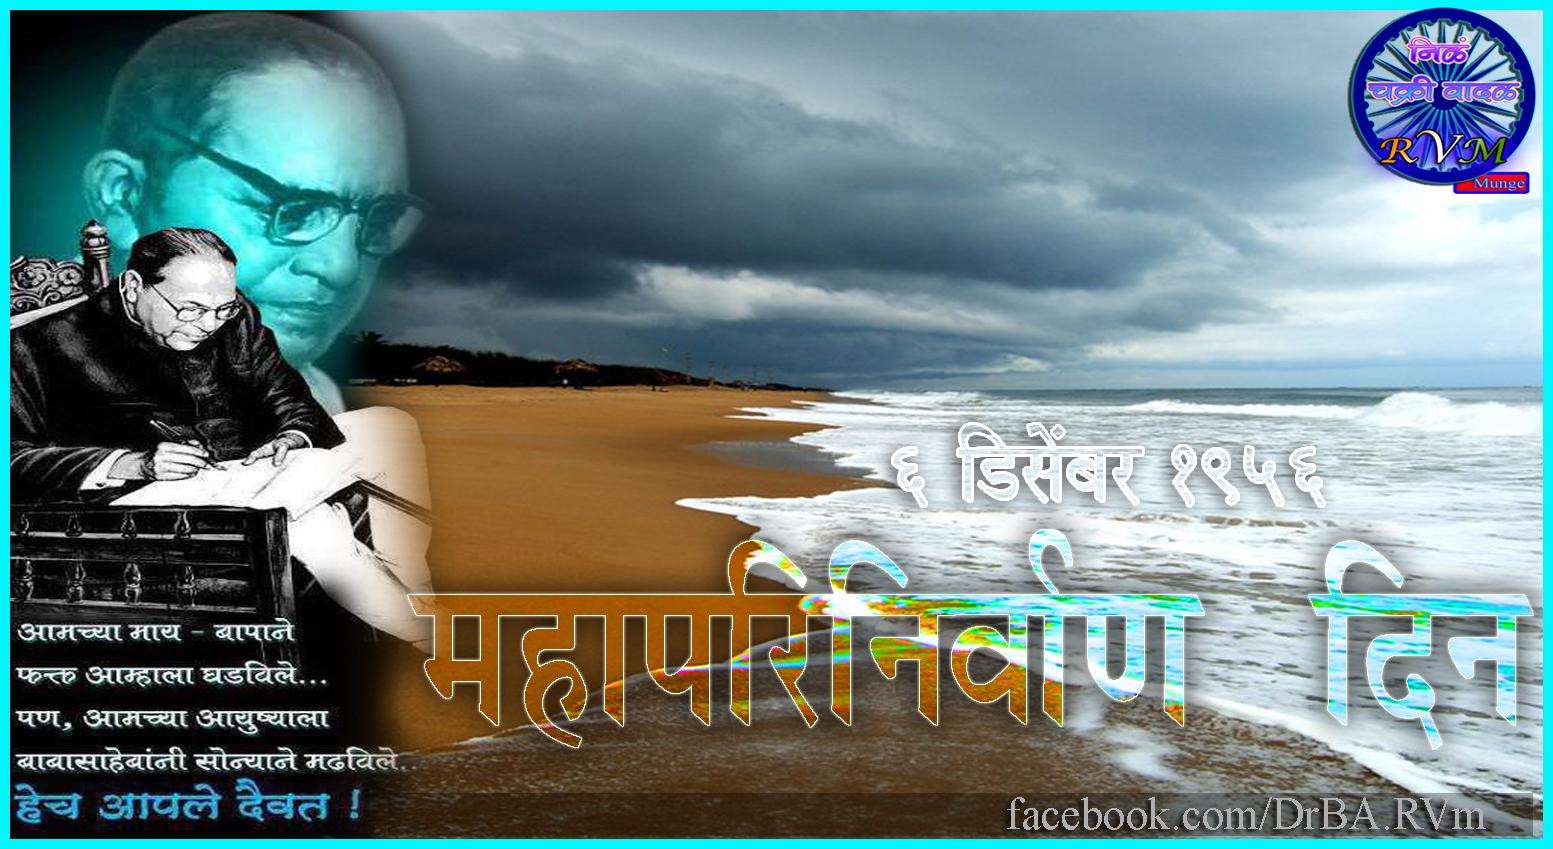 http://3.bp.blogspot.com/-1nn22xPub9o/ULdA47r_OzI/AAAAAAAAED4/lM8iK-OaBWg/s1600/mahaparinirvan+day+day6+dec.jpg